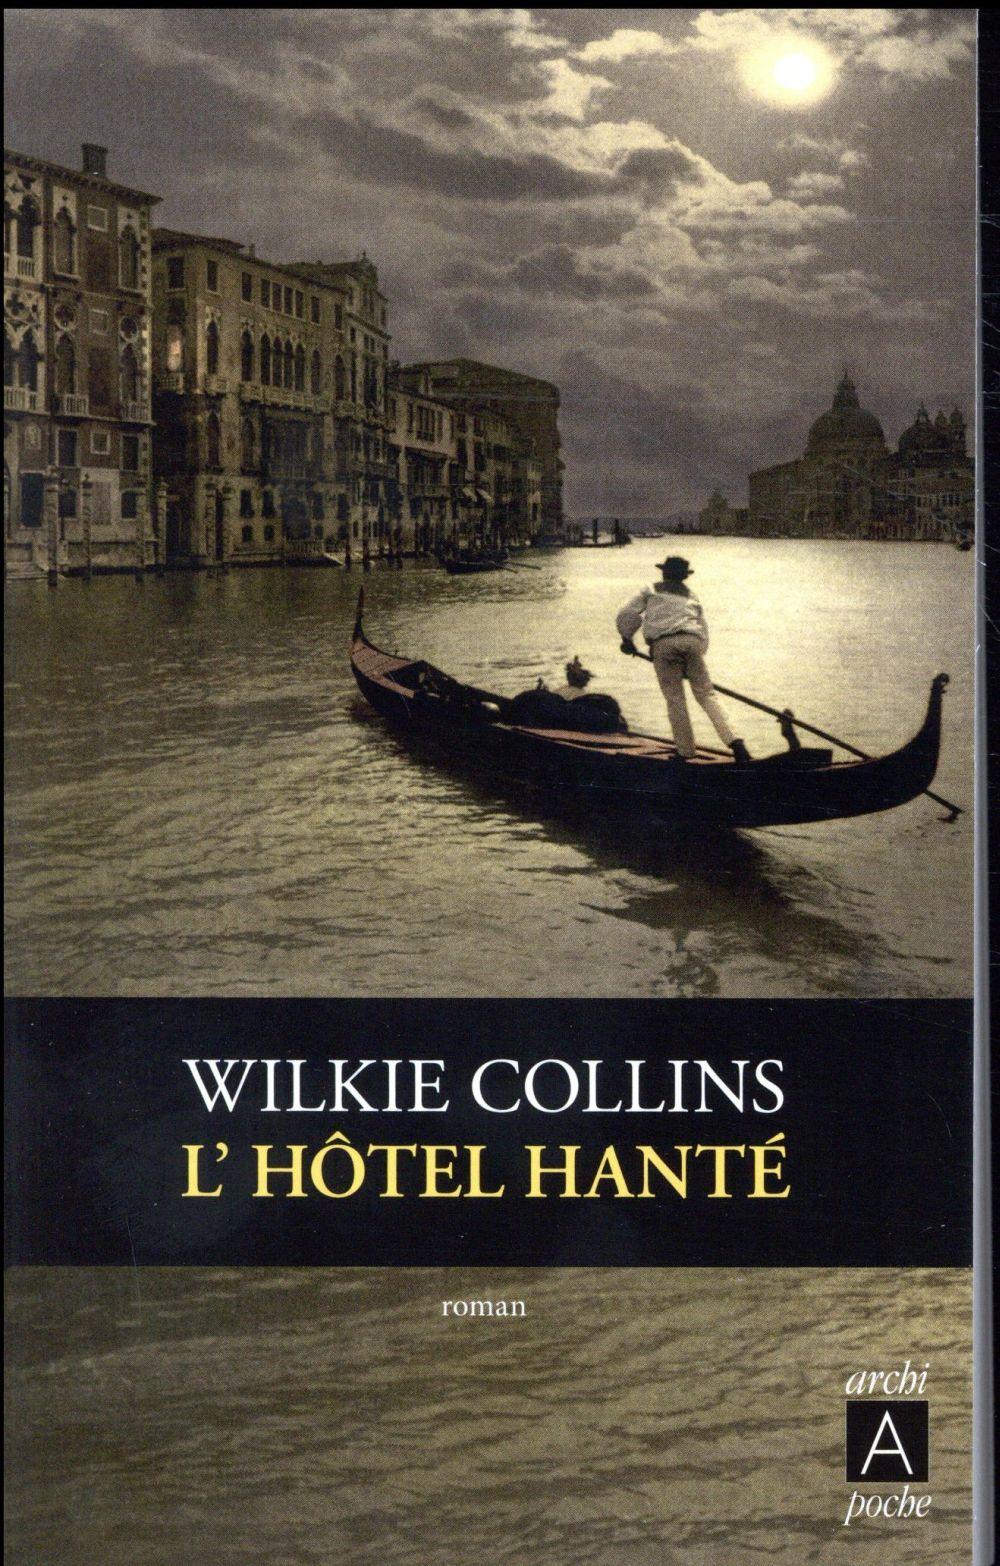 L'HOTEL HANTE Collins Wilkie Archipoche